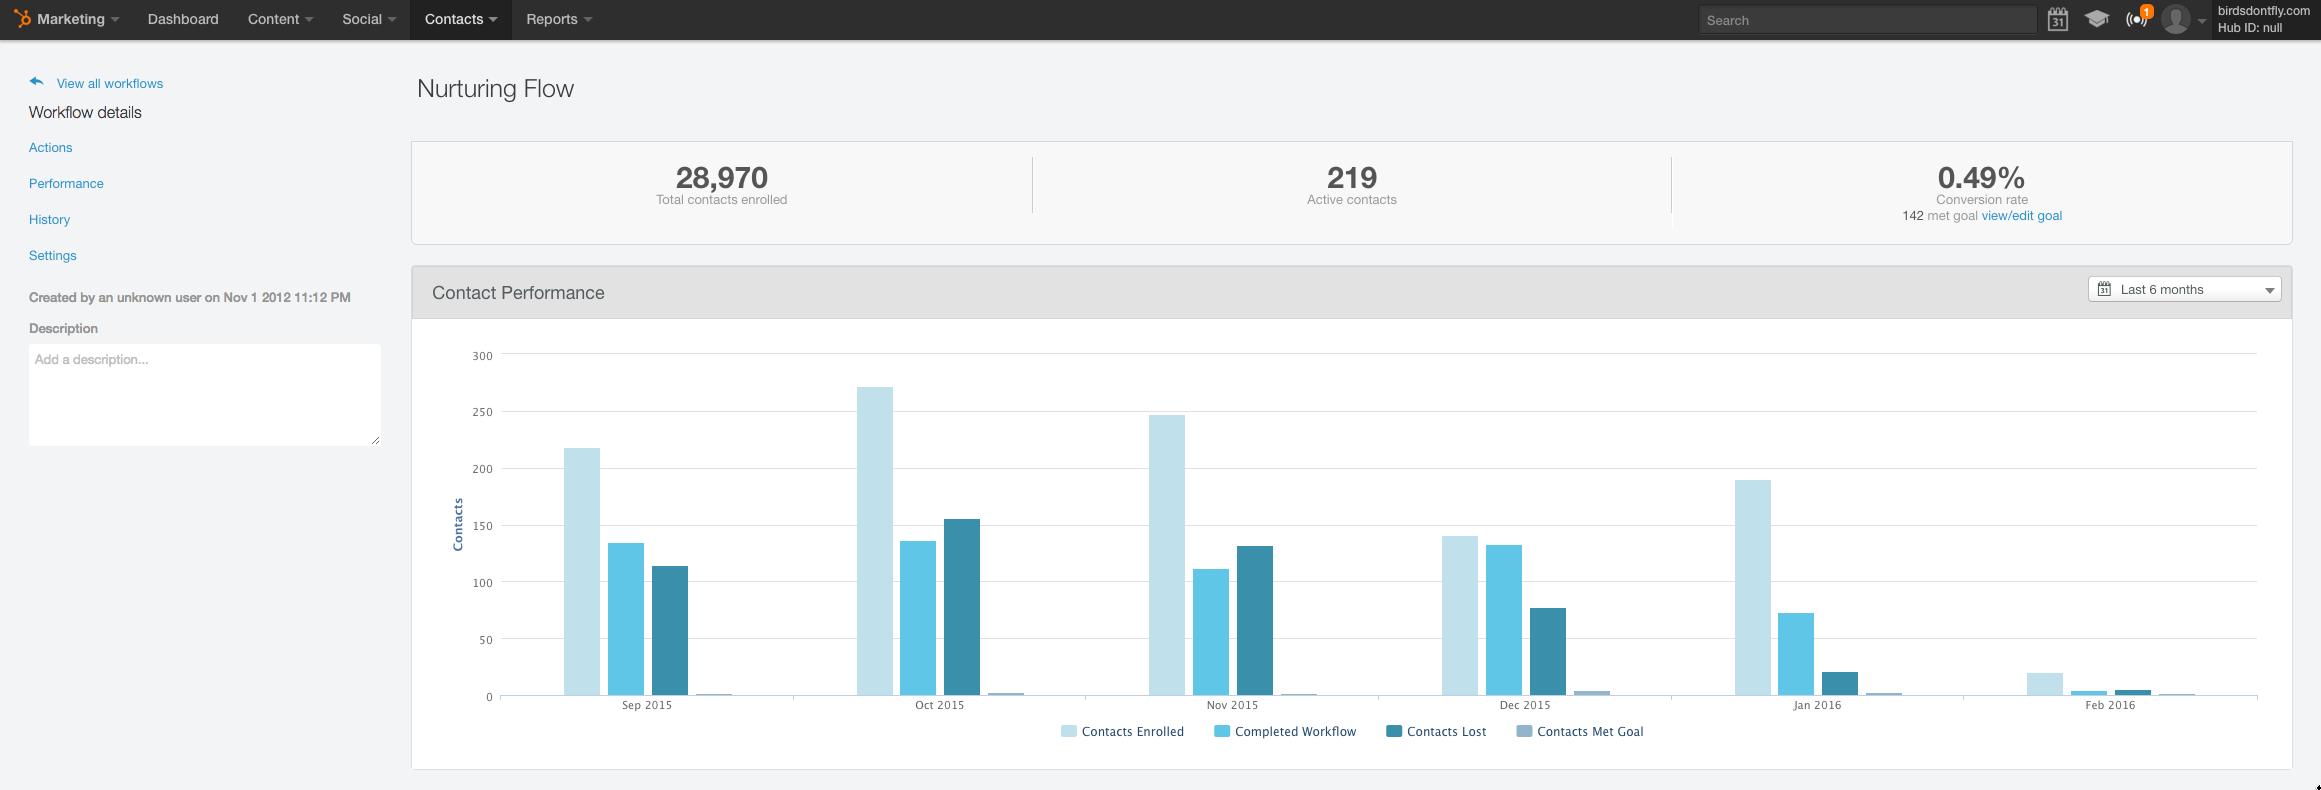 Workflow_Performance_Screenshot-1.png